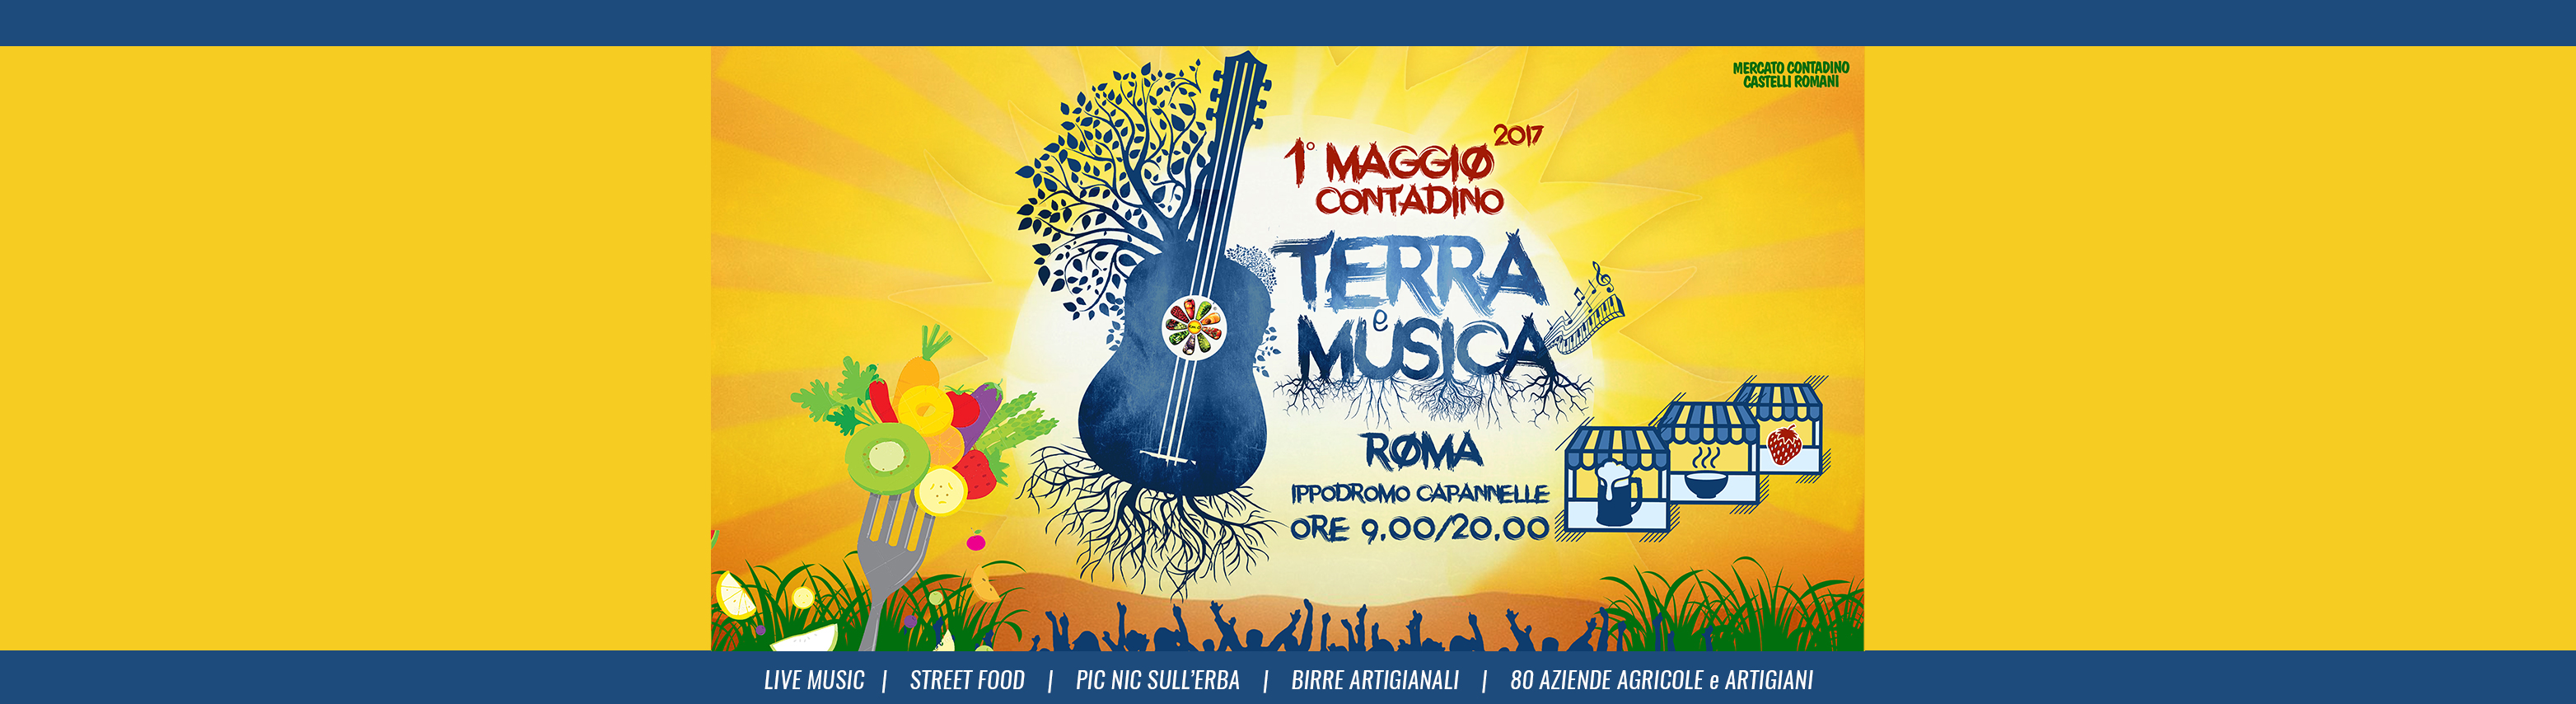 TERRA e MUSICA FESTA DEL PRIMO MAGGIO ROMA